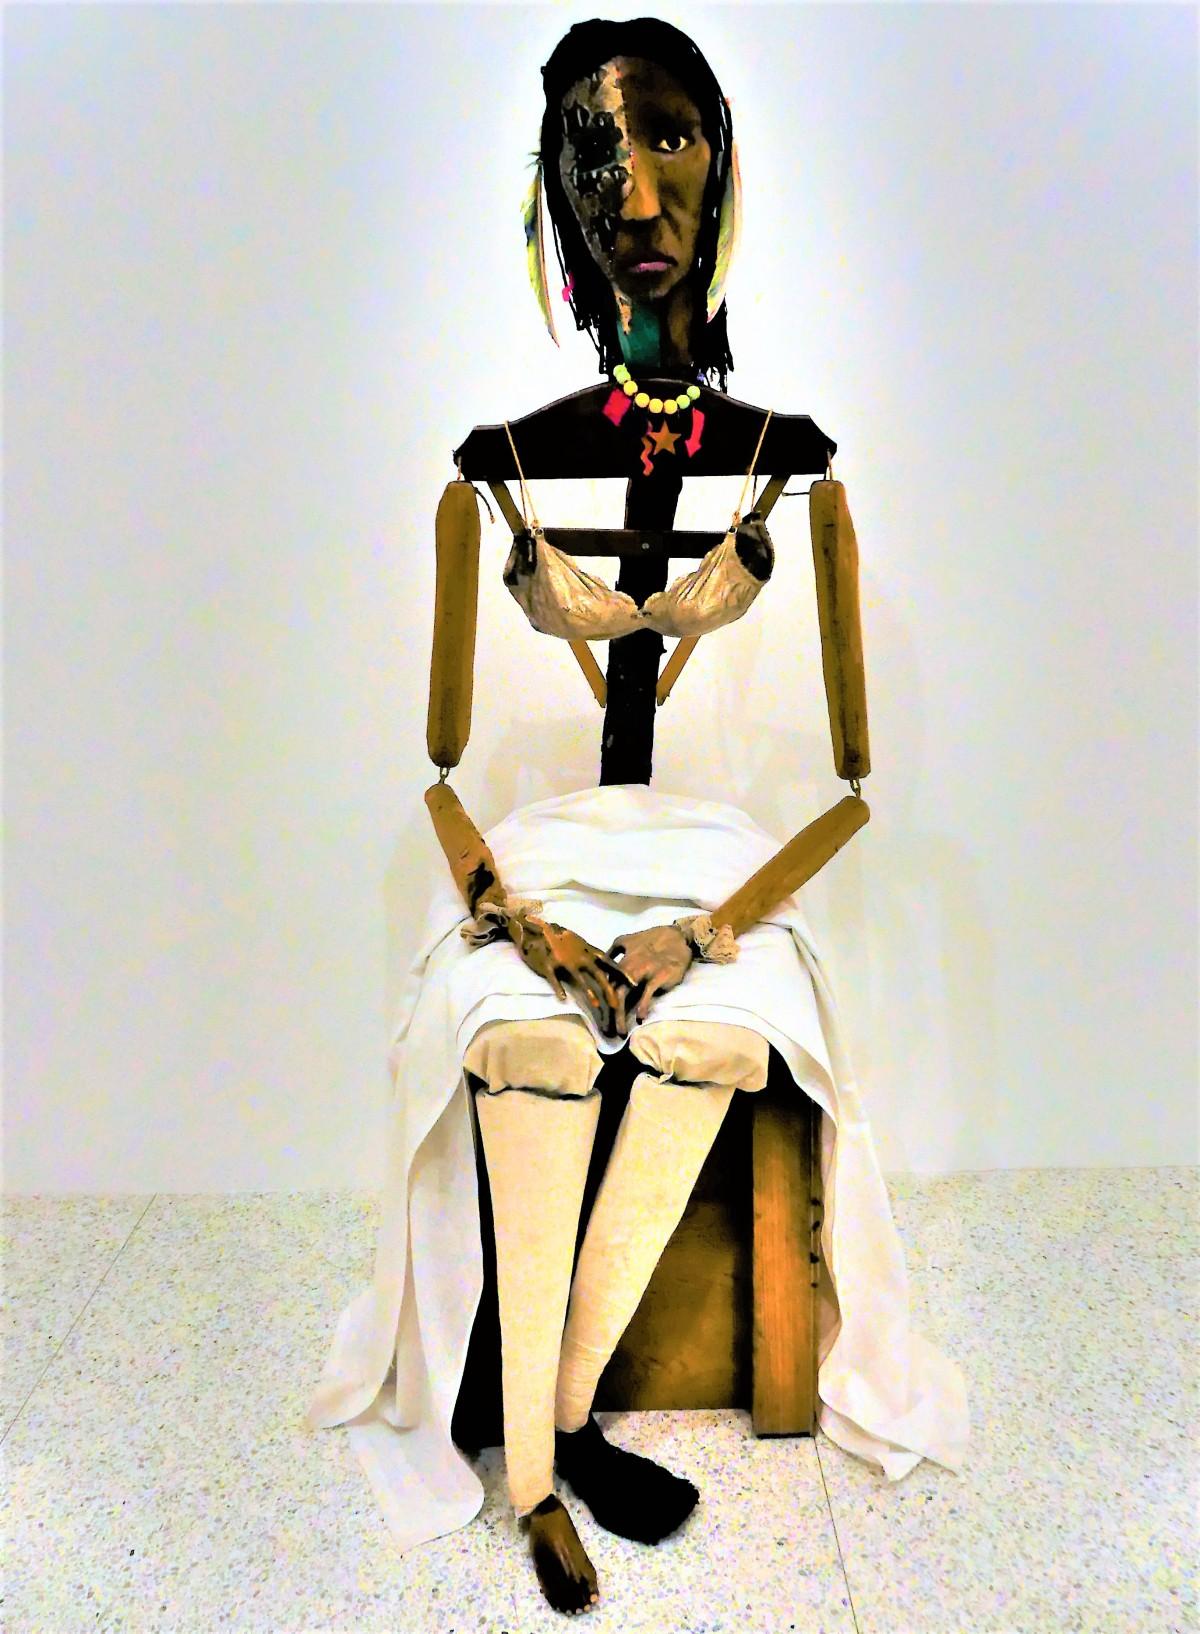 sittting figure (2)